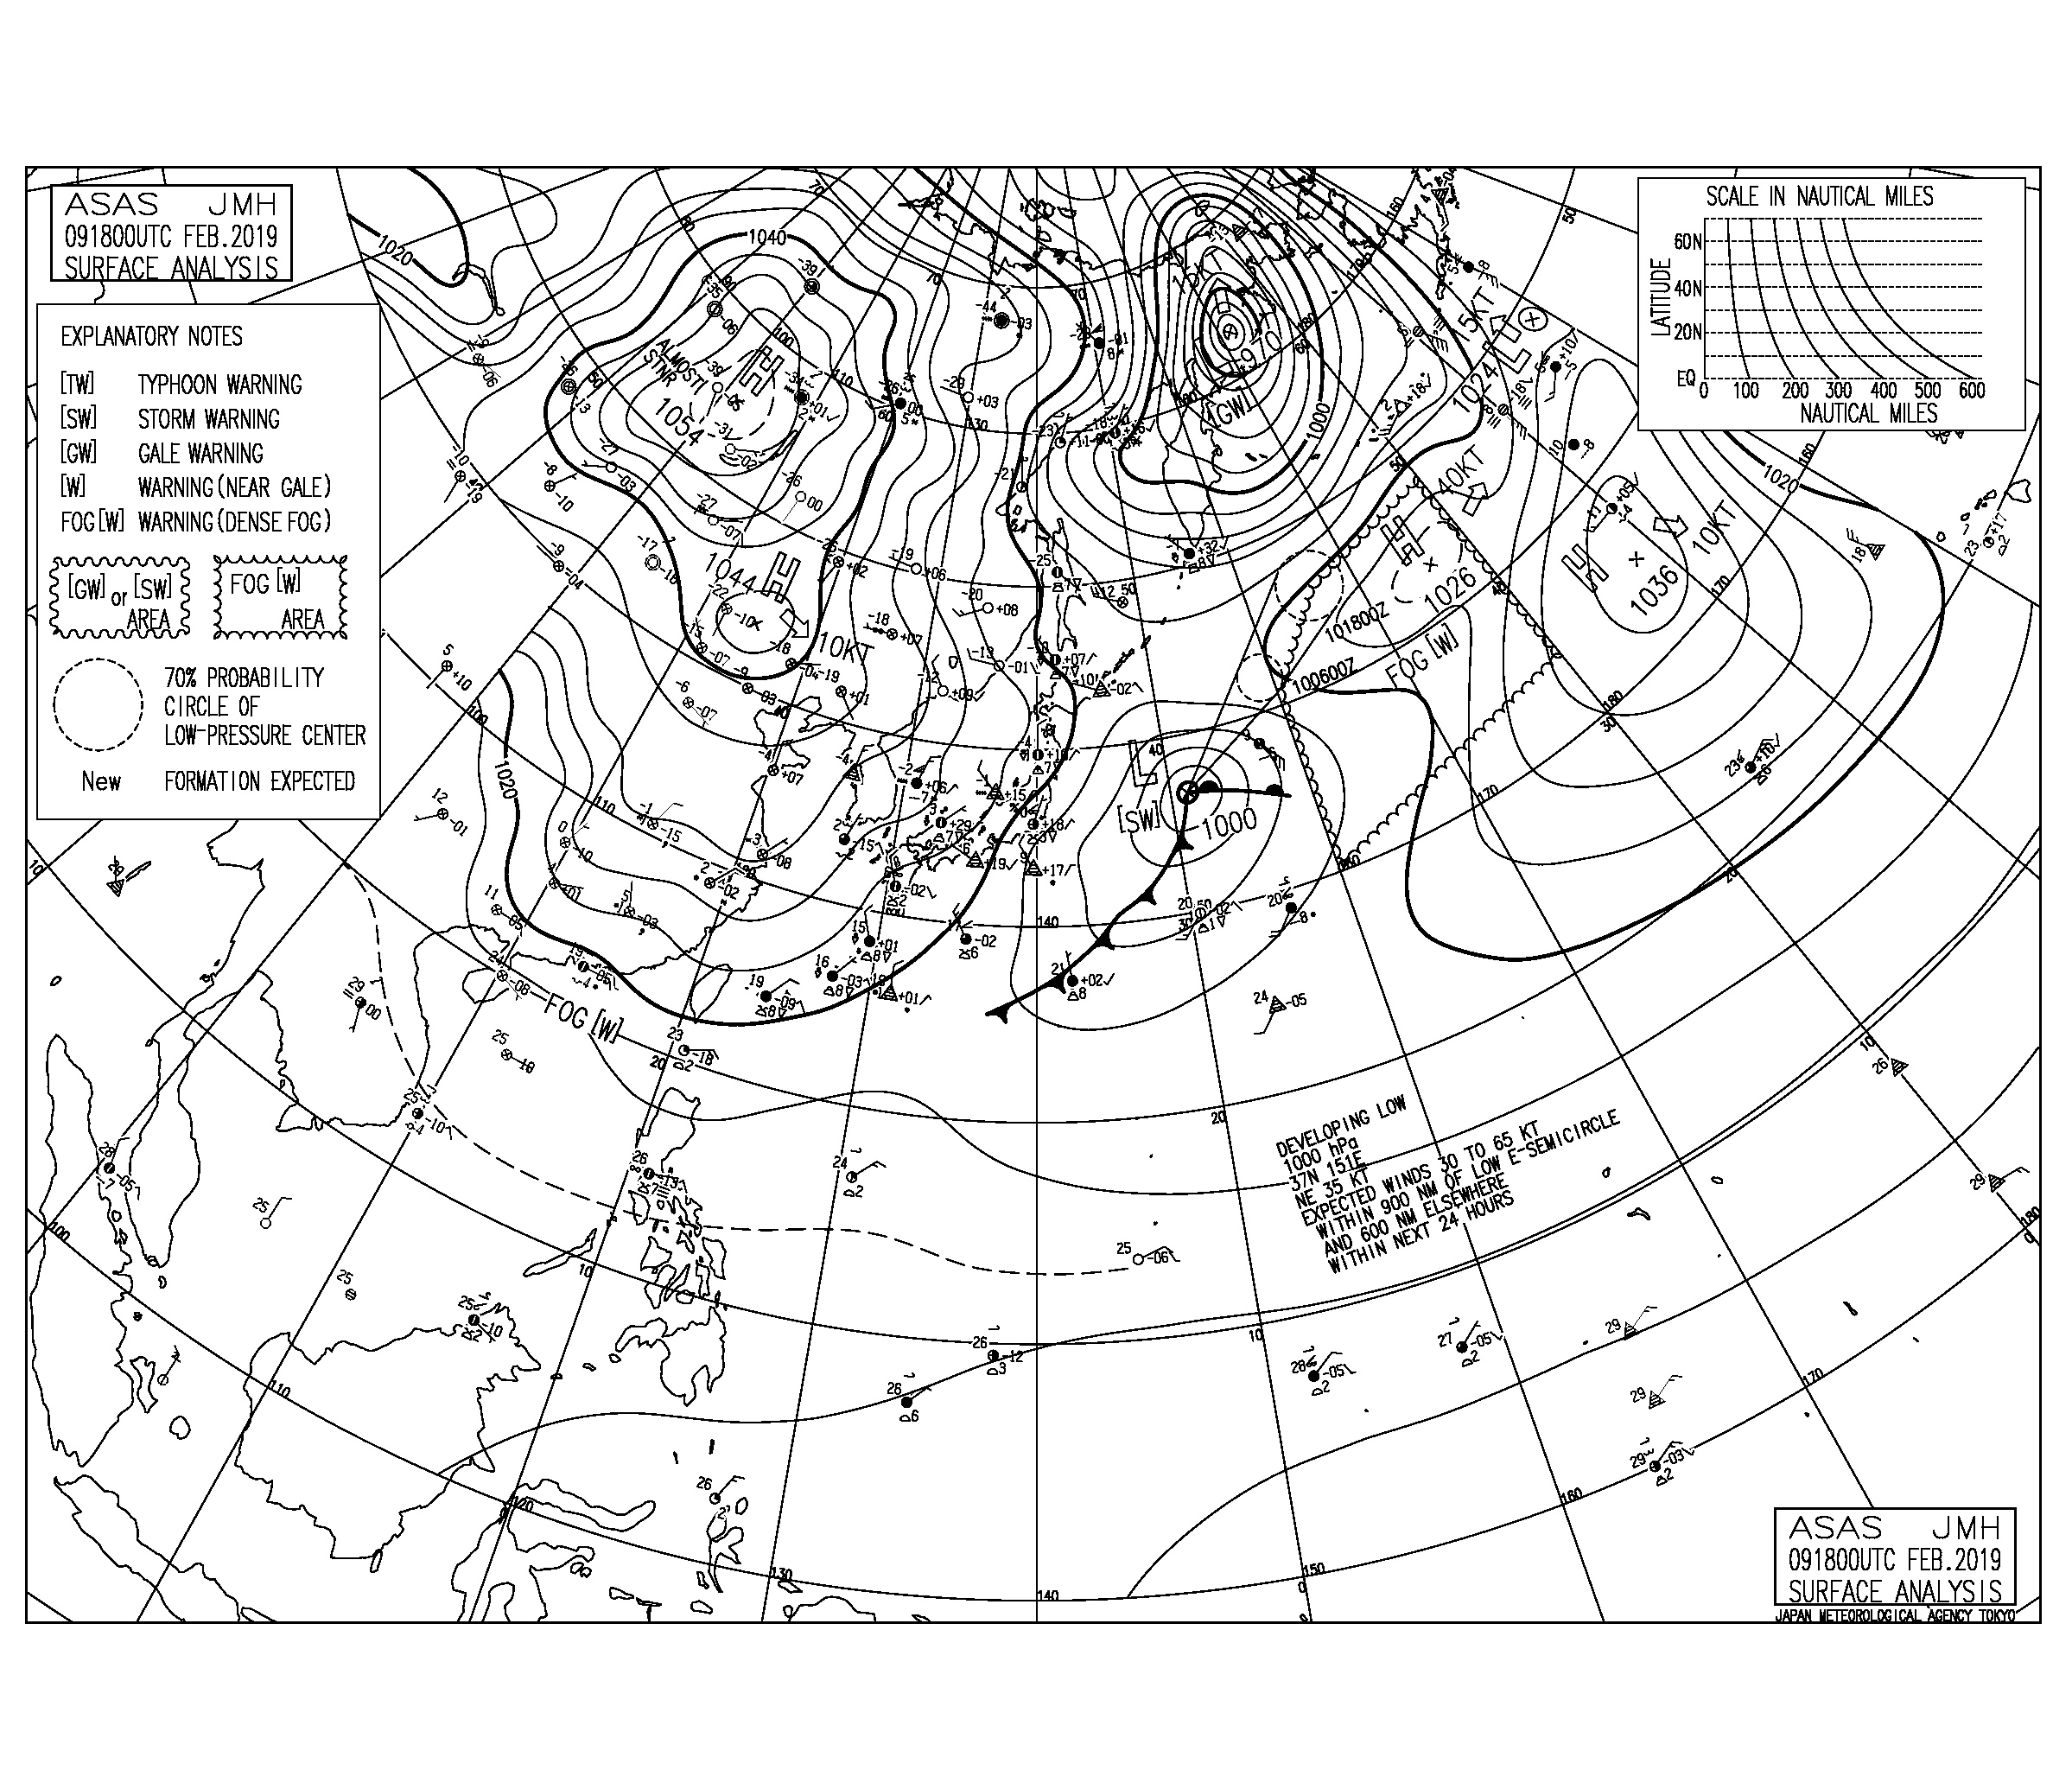 低気圧からの北東~東うねりでサイズアップ【2019.2.10】